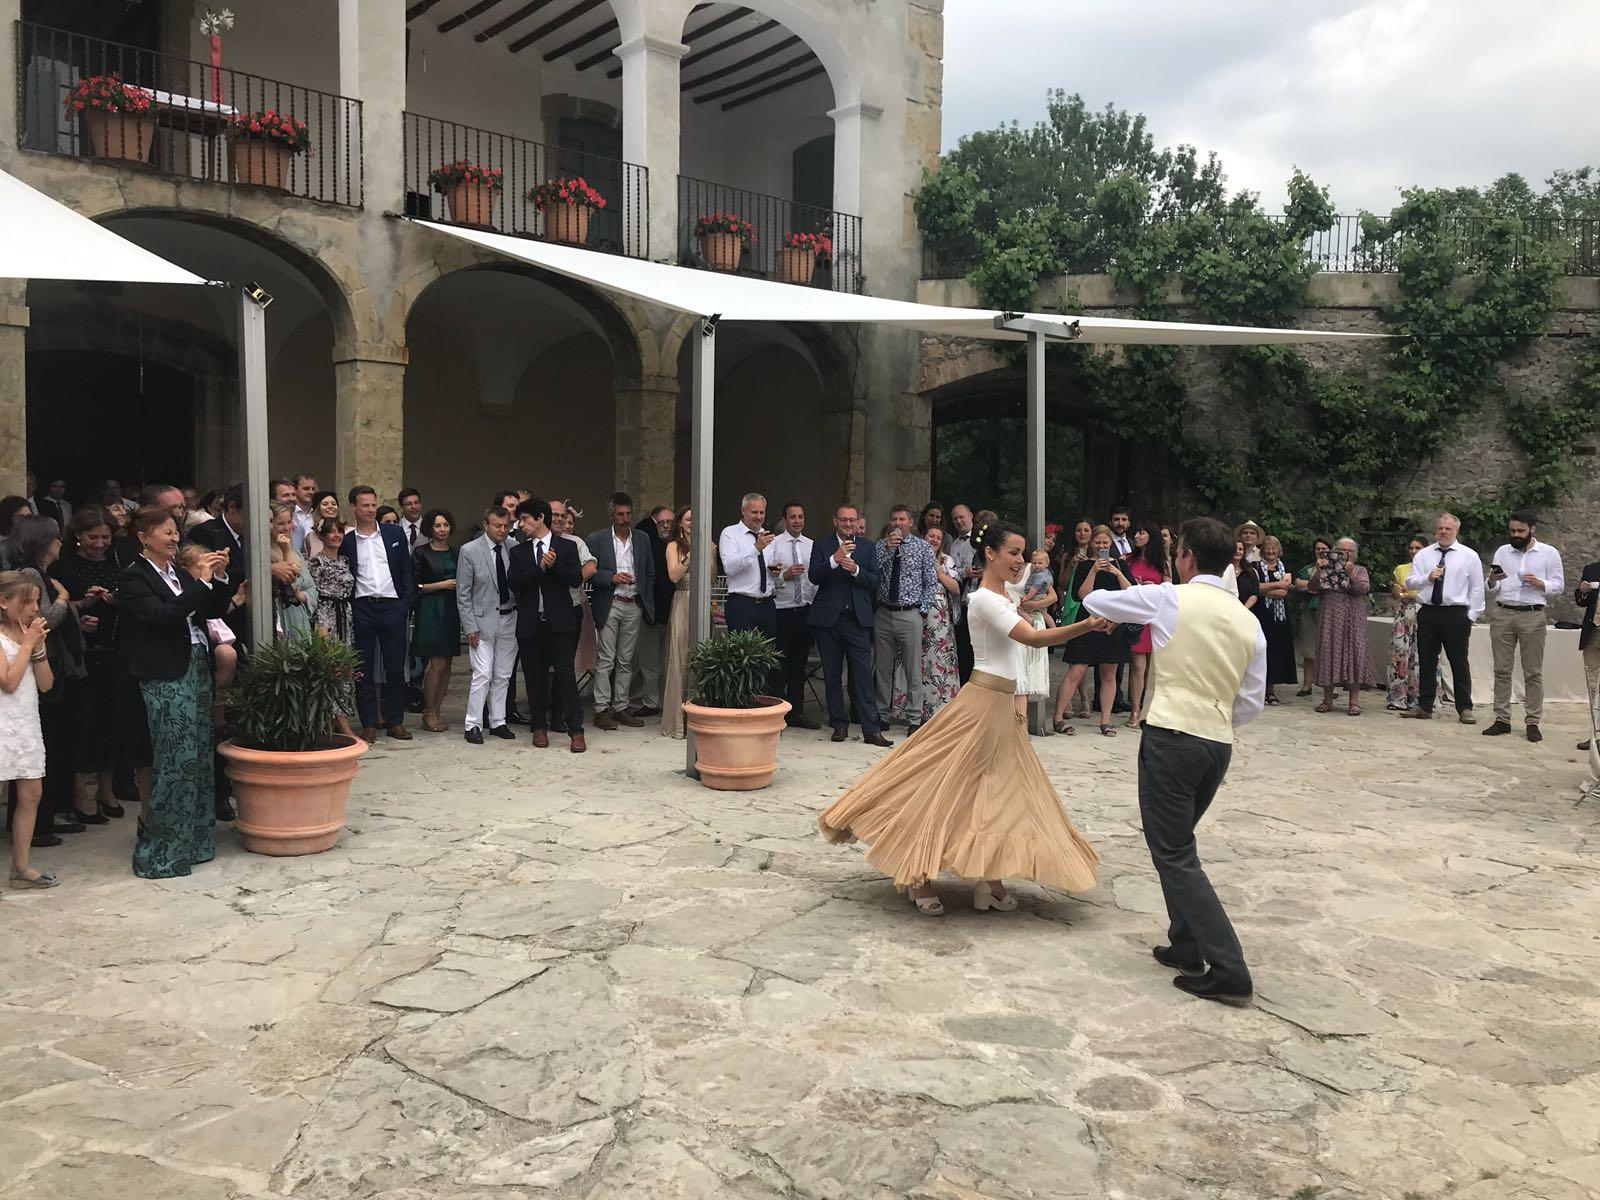 Baile en El Cavaller